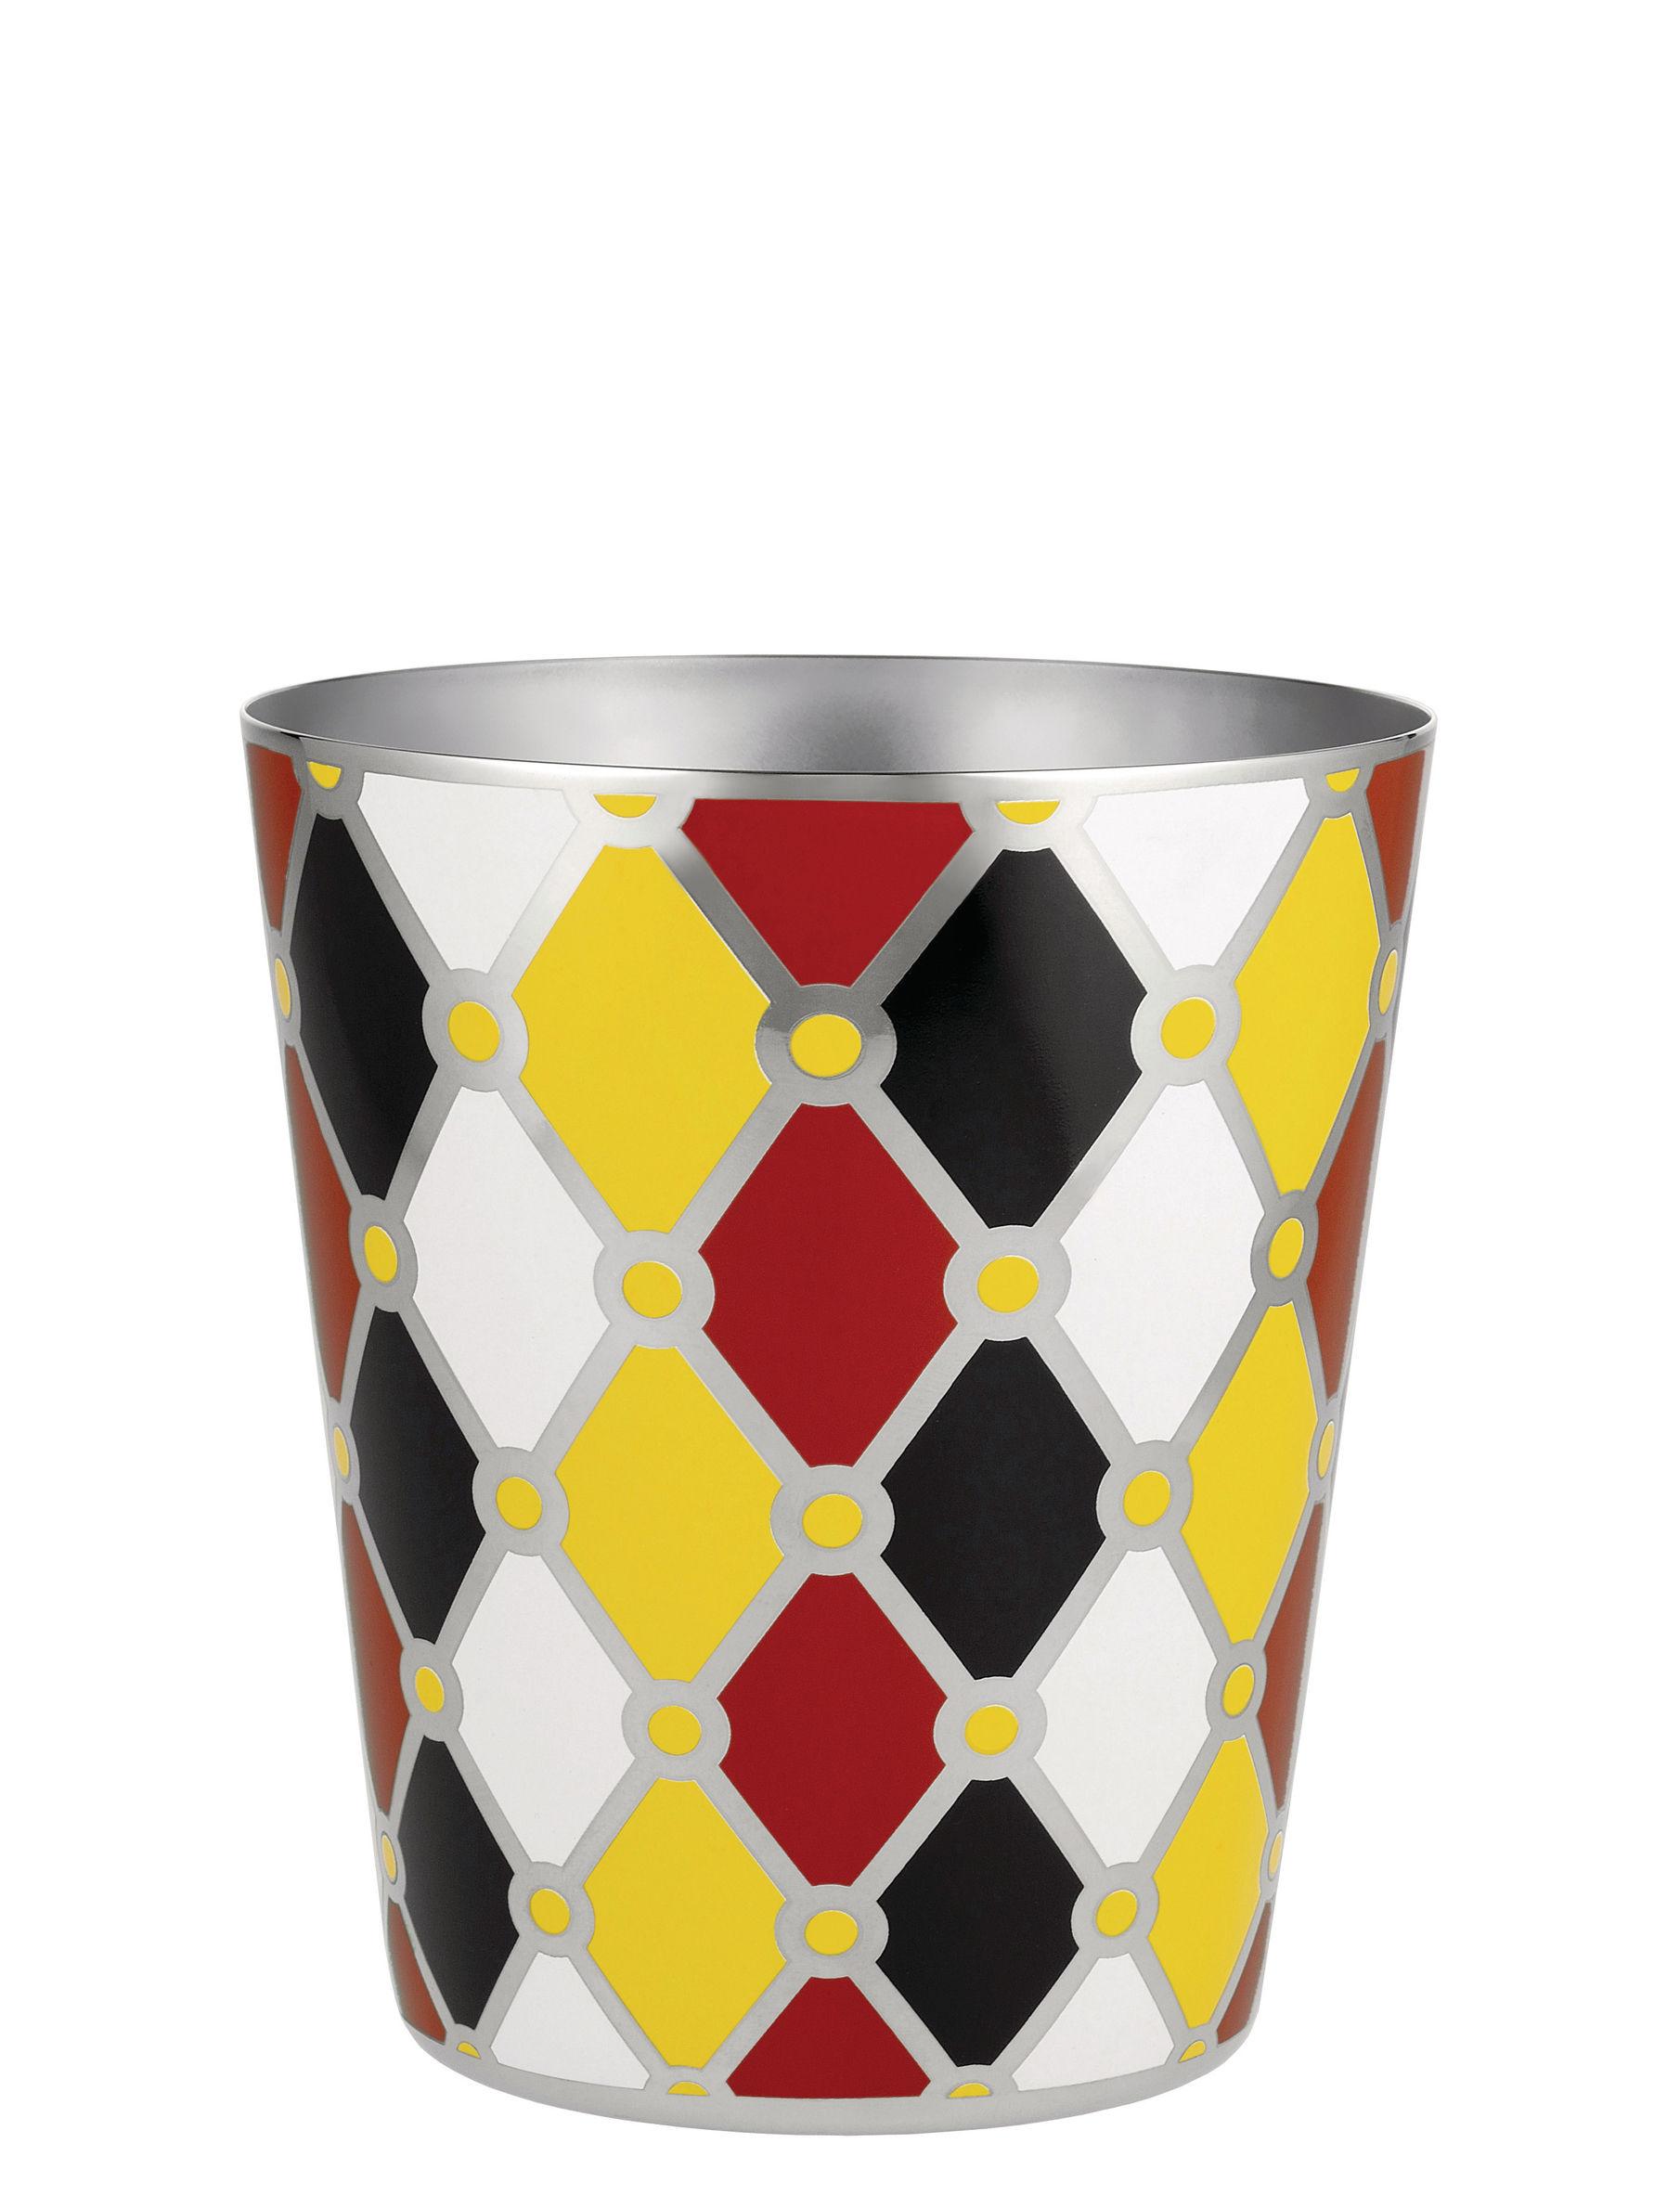 Arts de la table - Bar, vin, apéritif - Seau à glace Circus / H 15 cm - Métal - Alessi - Multicolore - Acier inoxydable peint